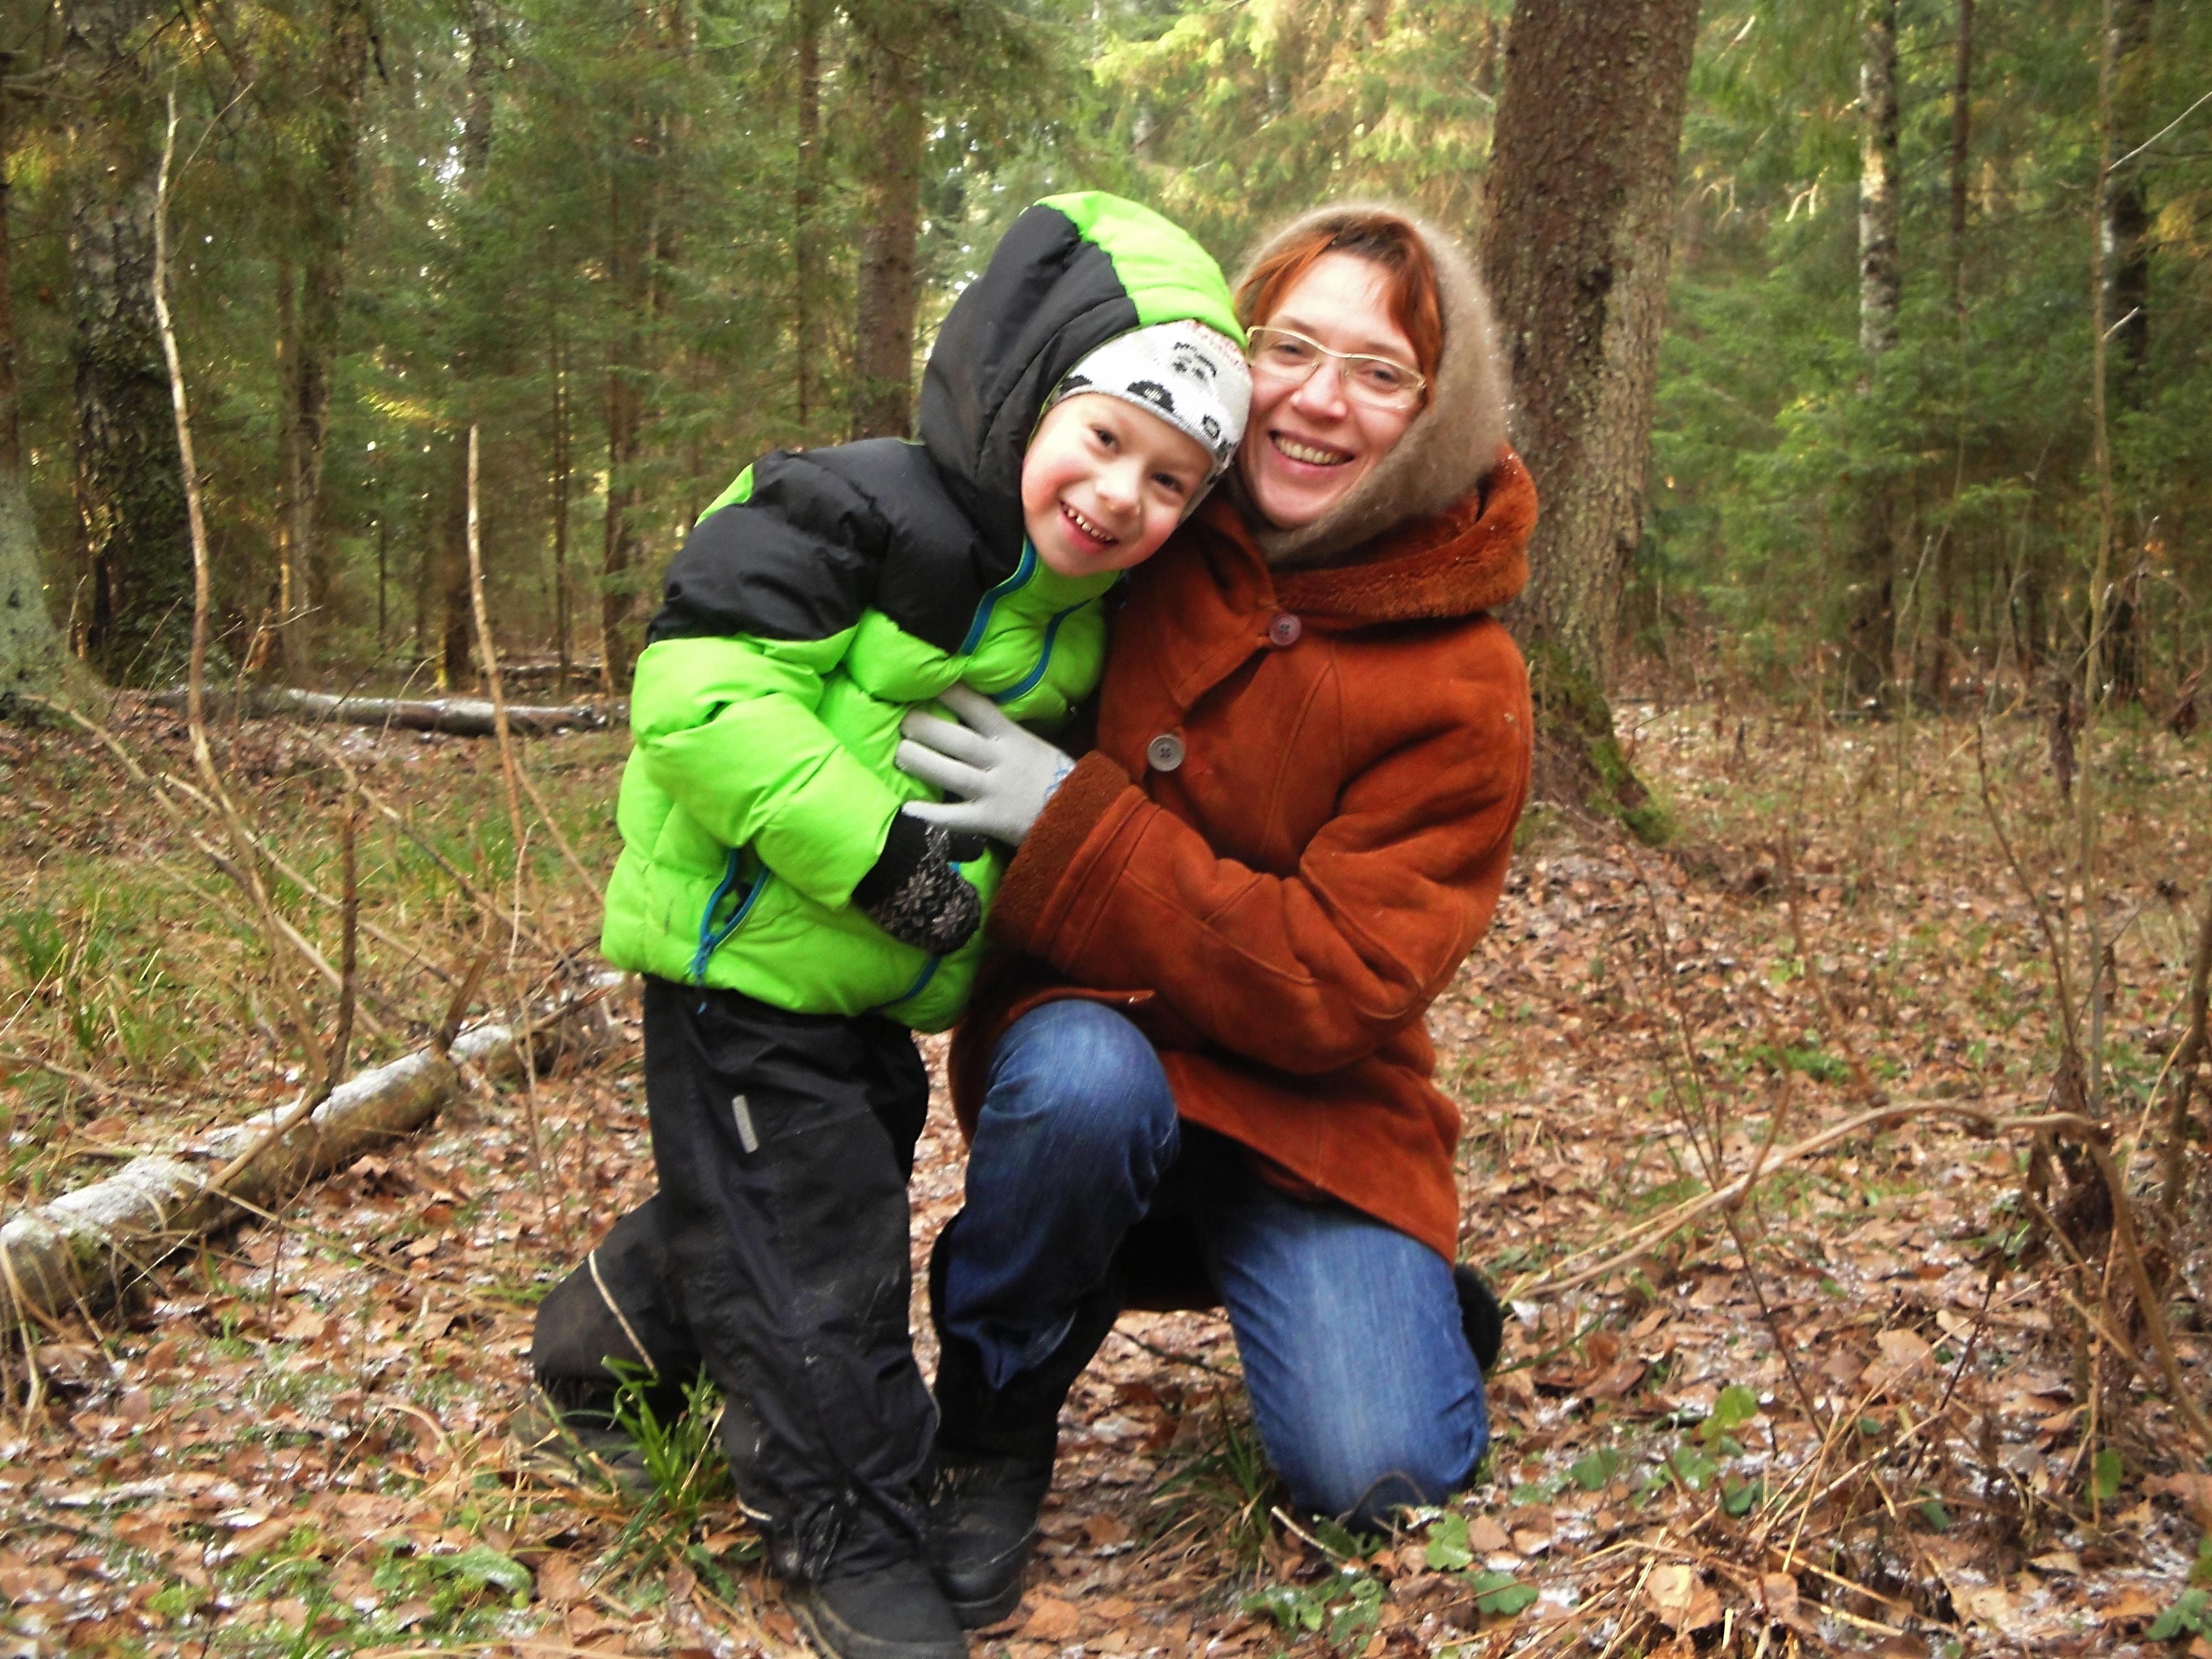 Большой член сына трахнул маму в лесу прям на земле